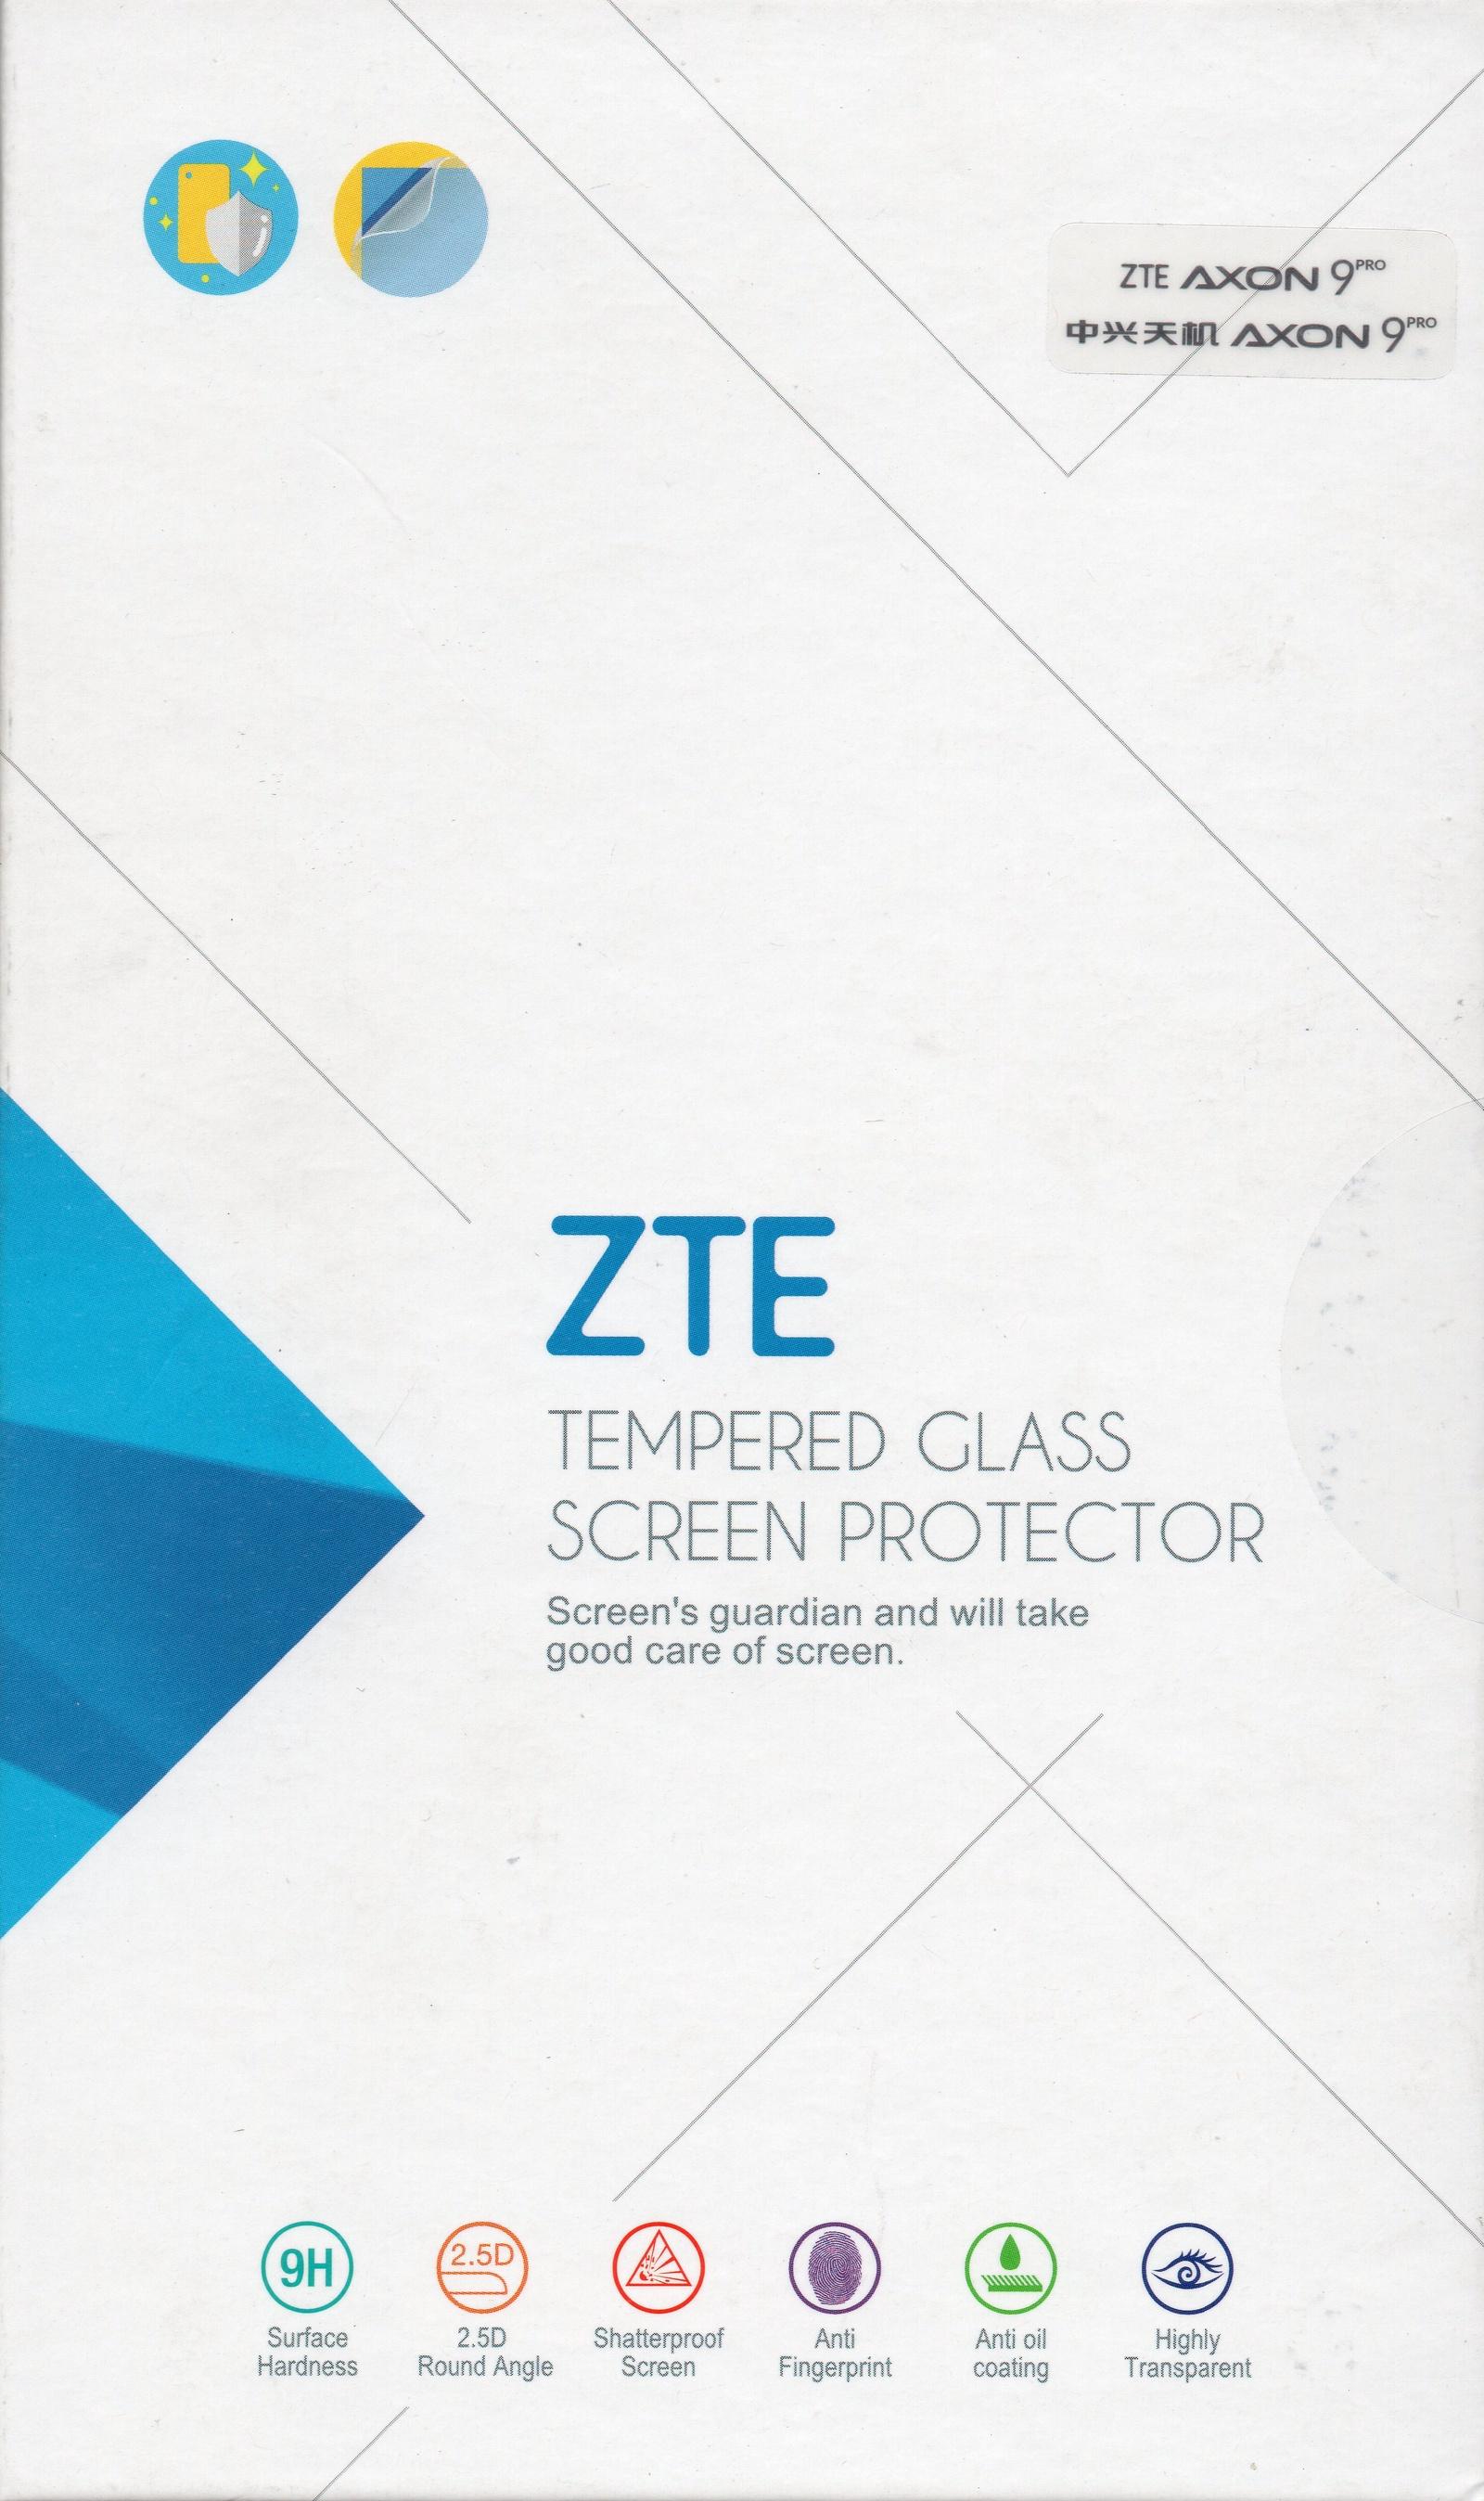 Оригинальное защитное стекло ZTE для телефона ZTE Axon 9 Pro zte планшет в подарок